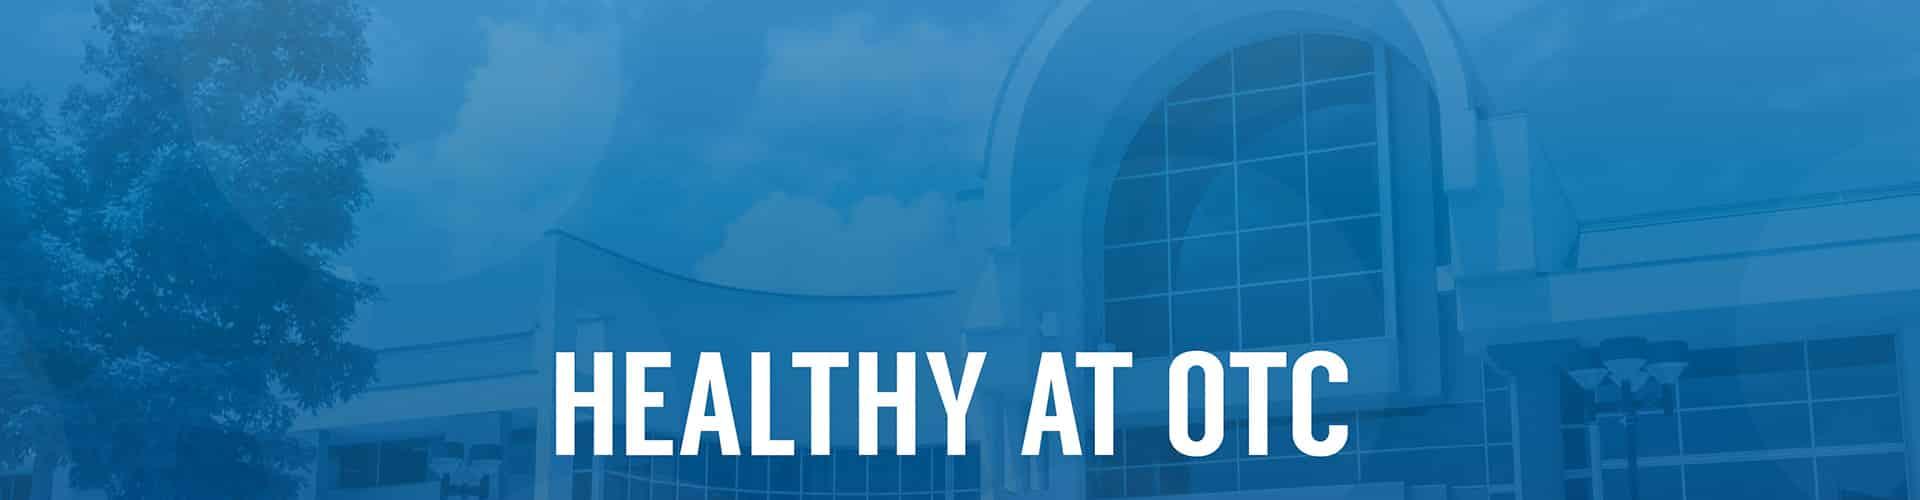 Healthy at OTC